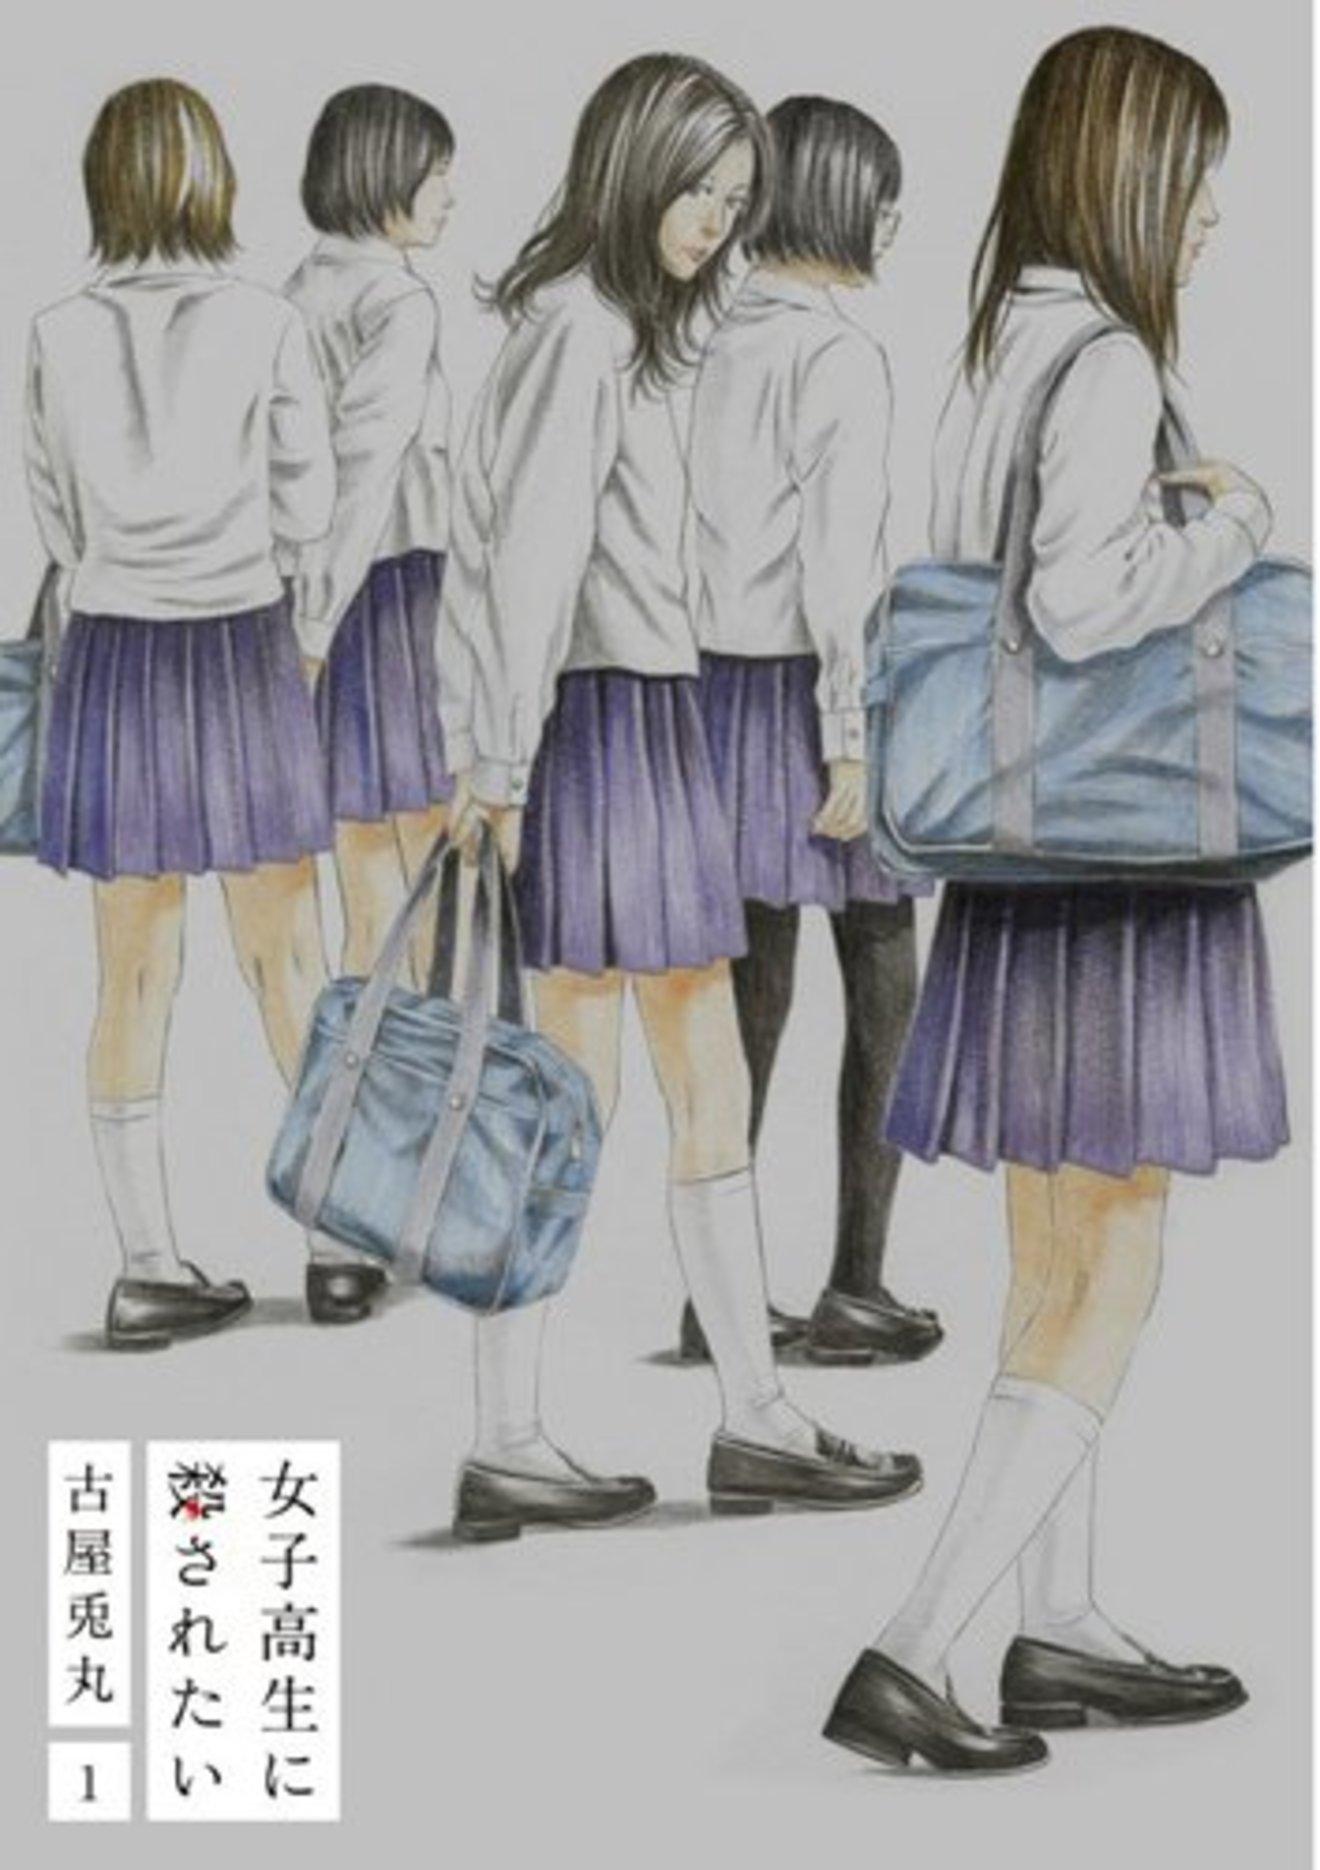 『女子高生に殺されたい』全巻ネタバレ!危うい世界観を、どう読む?【無料】